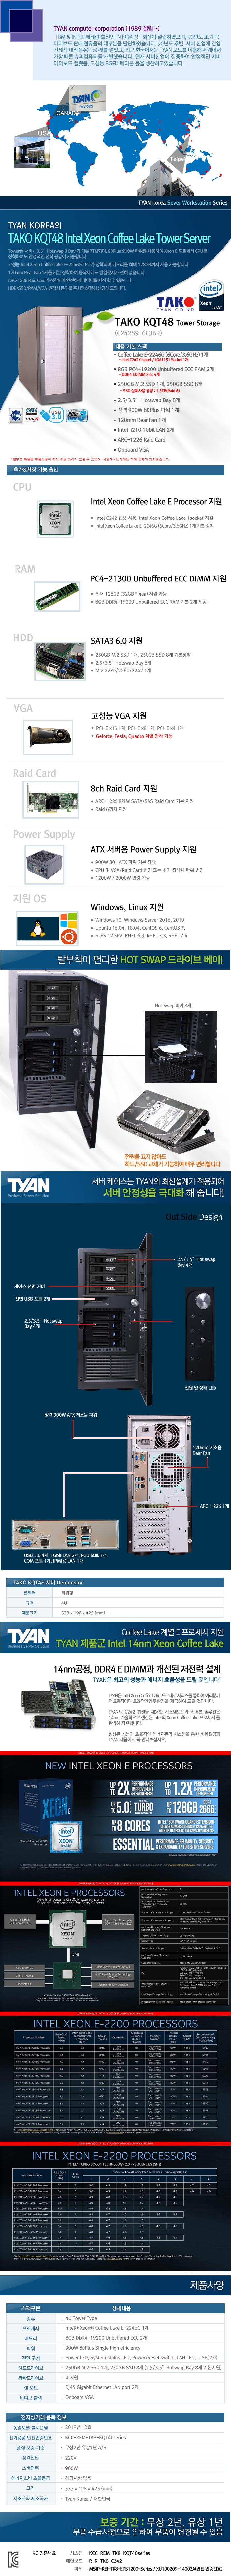 TYAN TAKO-KQT48-(C242S9-6C36R) (16GB, M2 250GB + SSD 1.5TB)